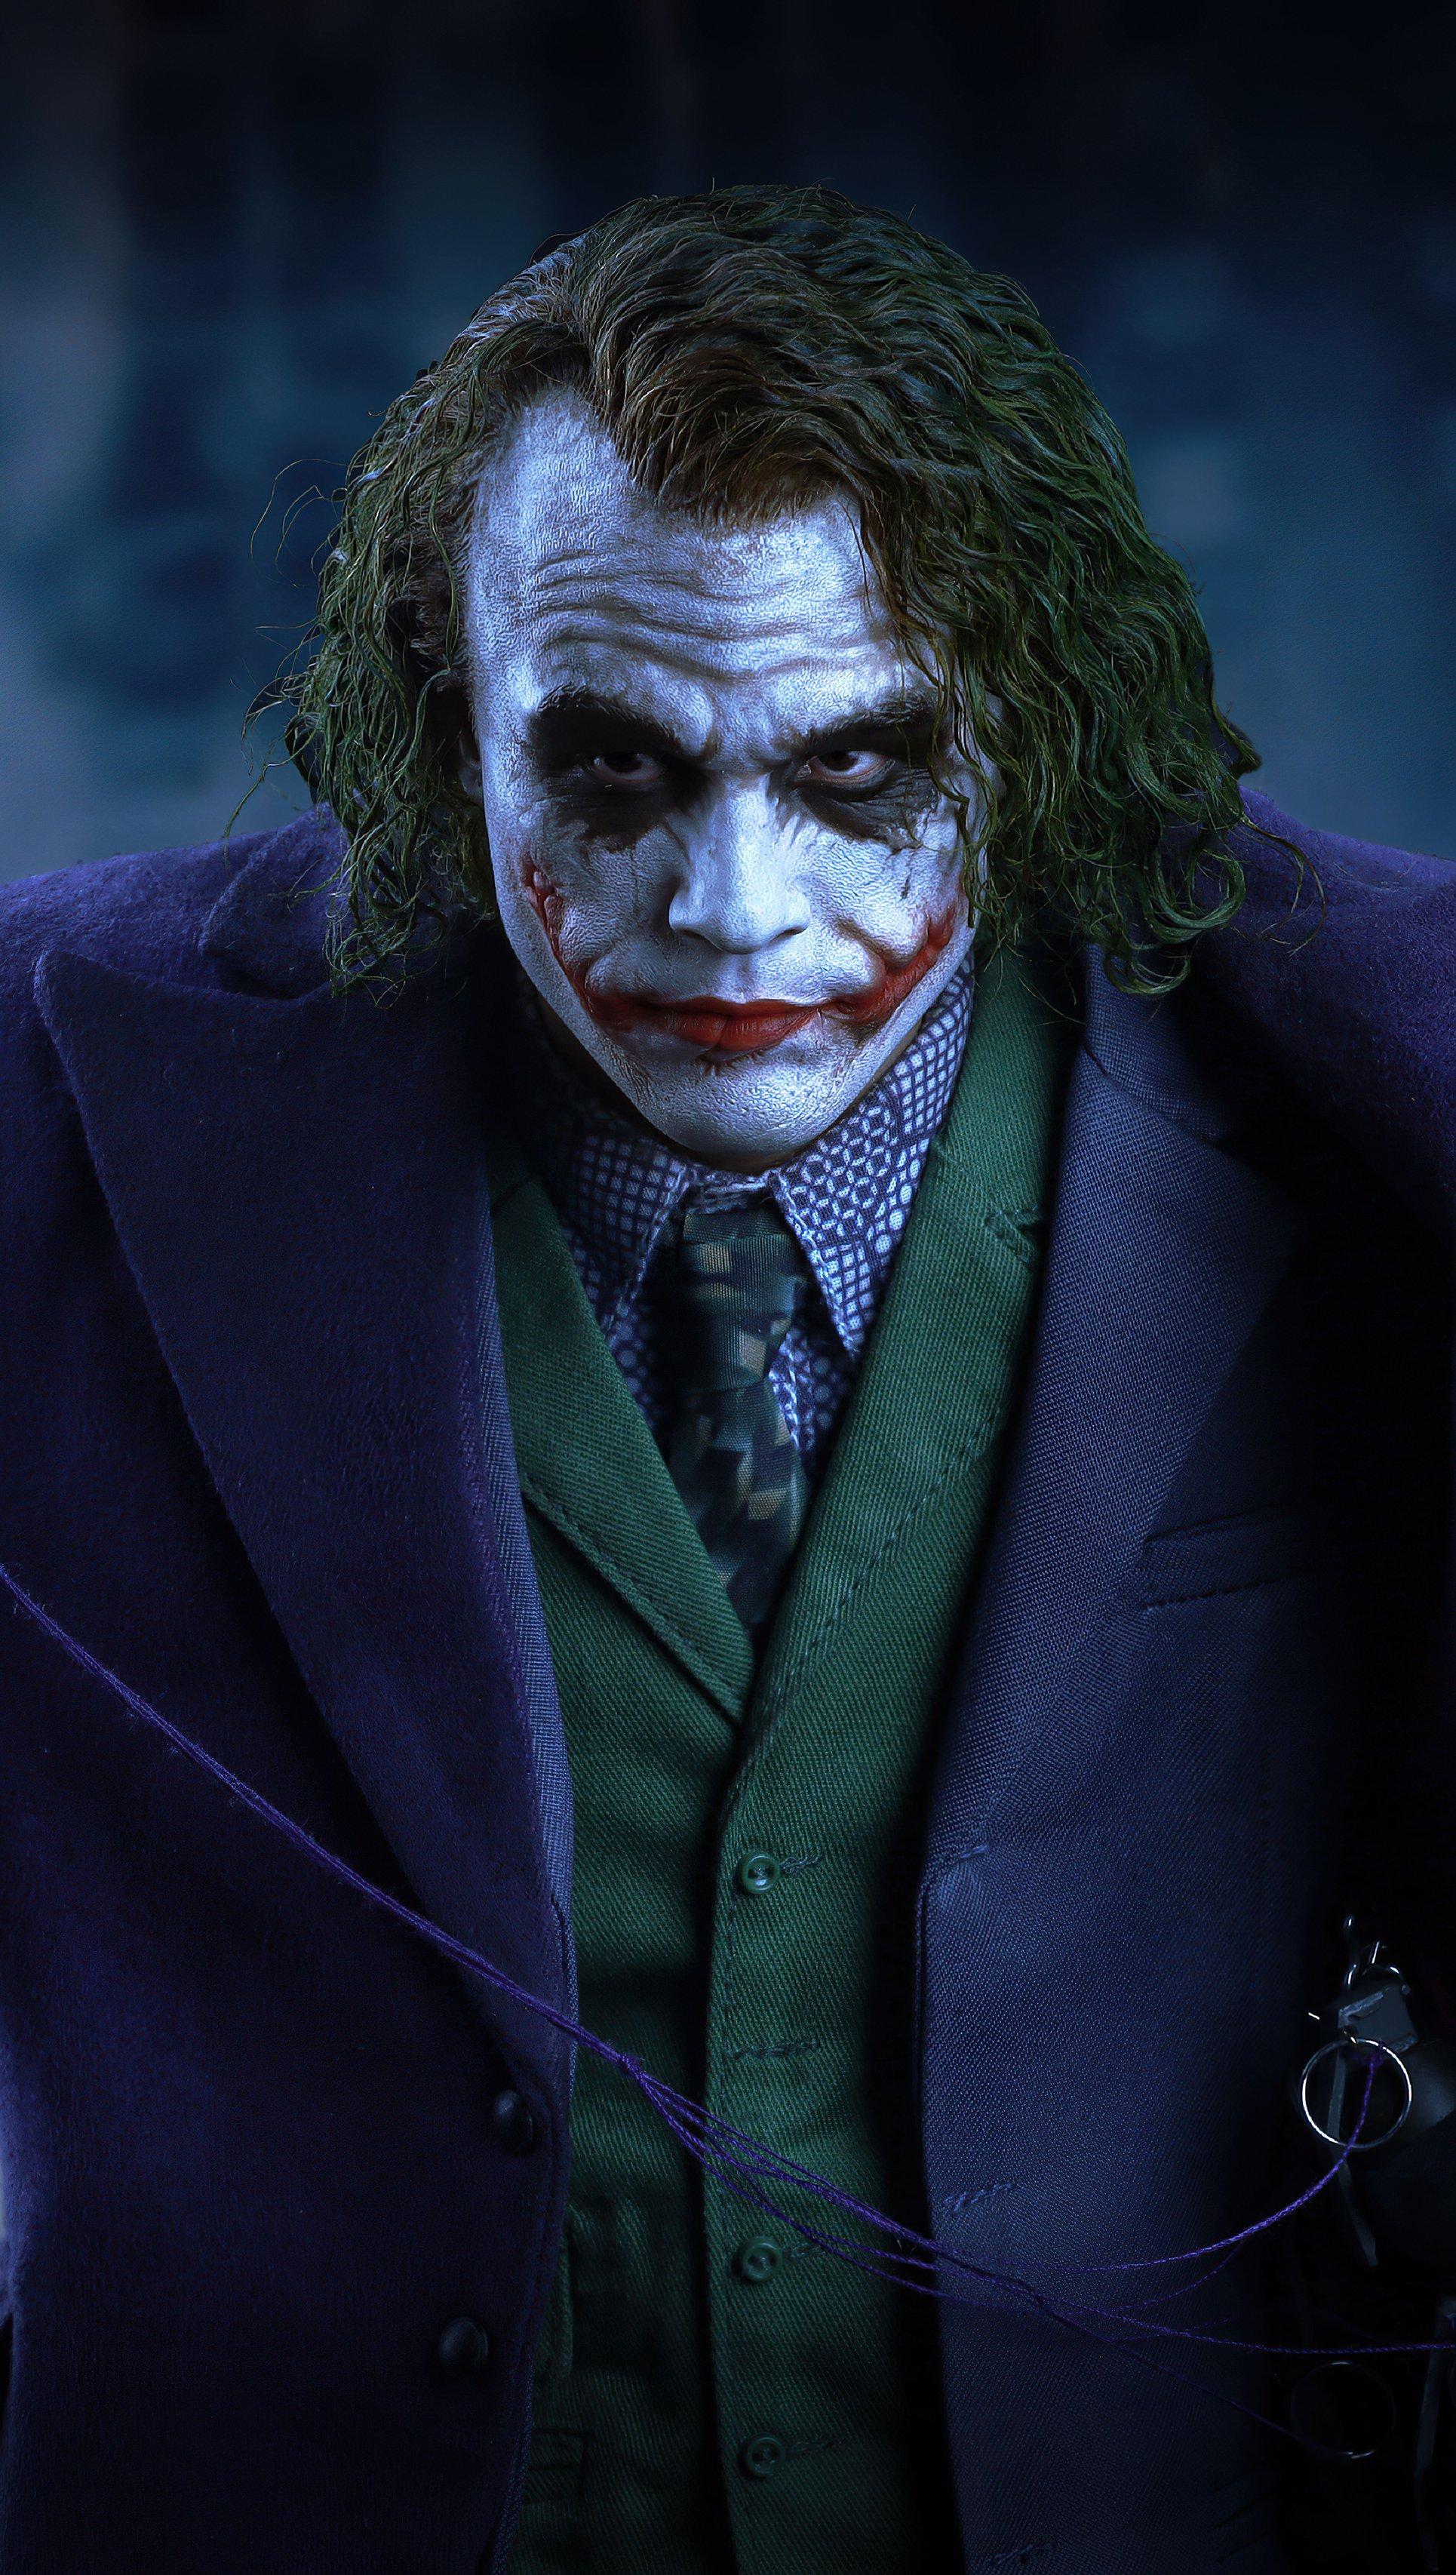 Wallpaper Heath Ledger as Joker Fanart Vertical